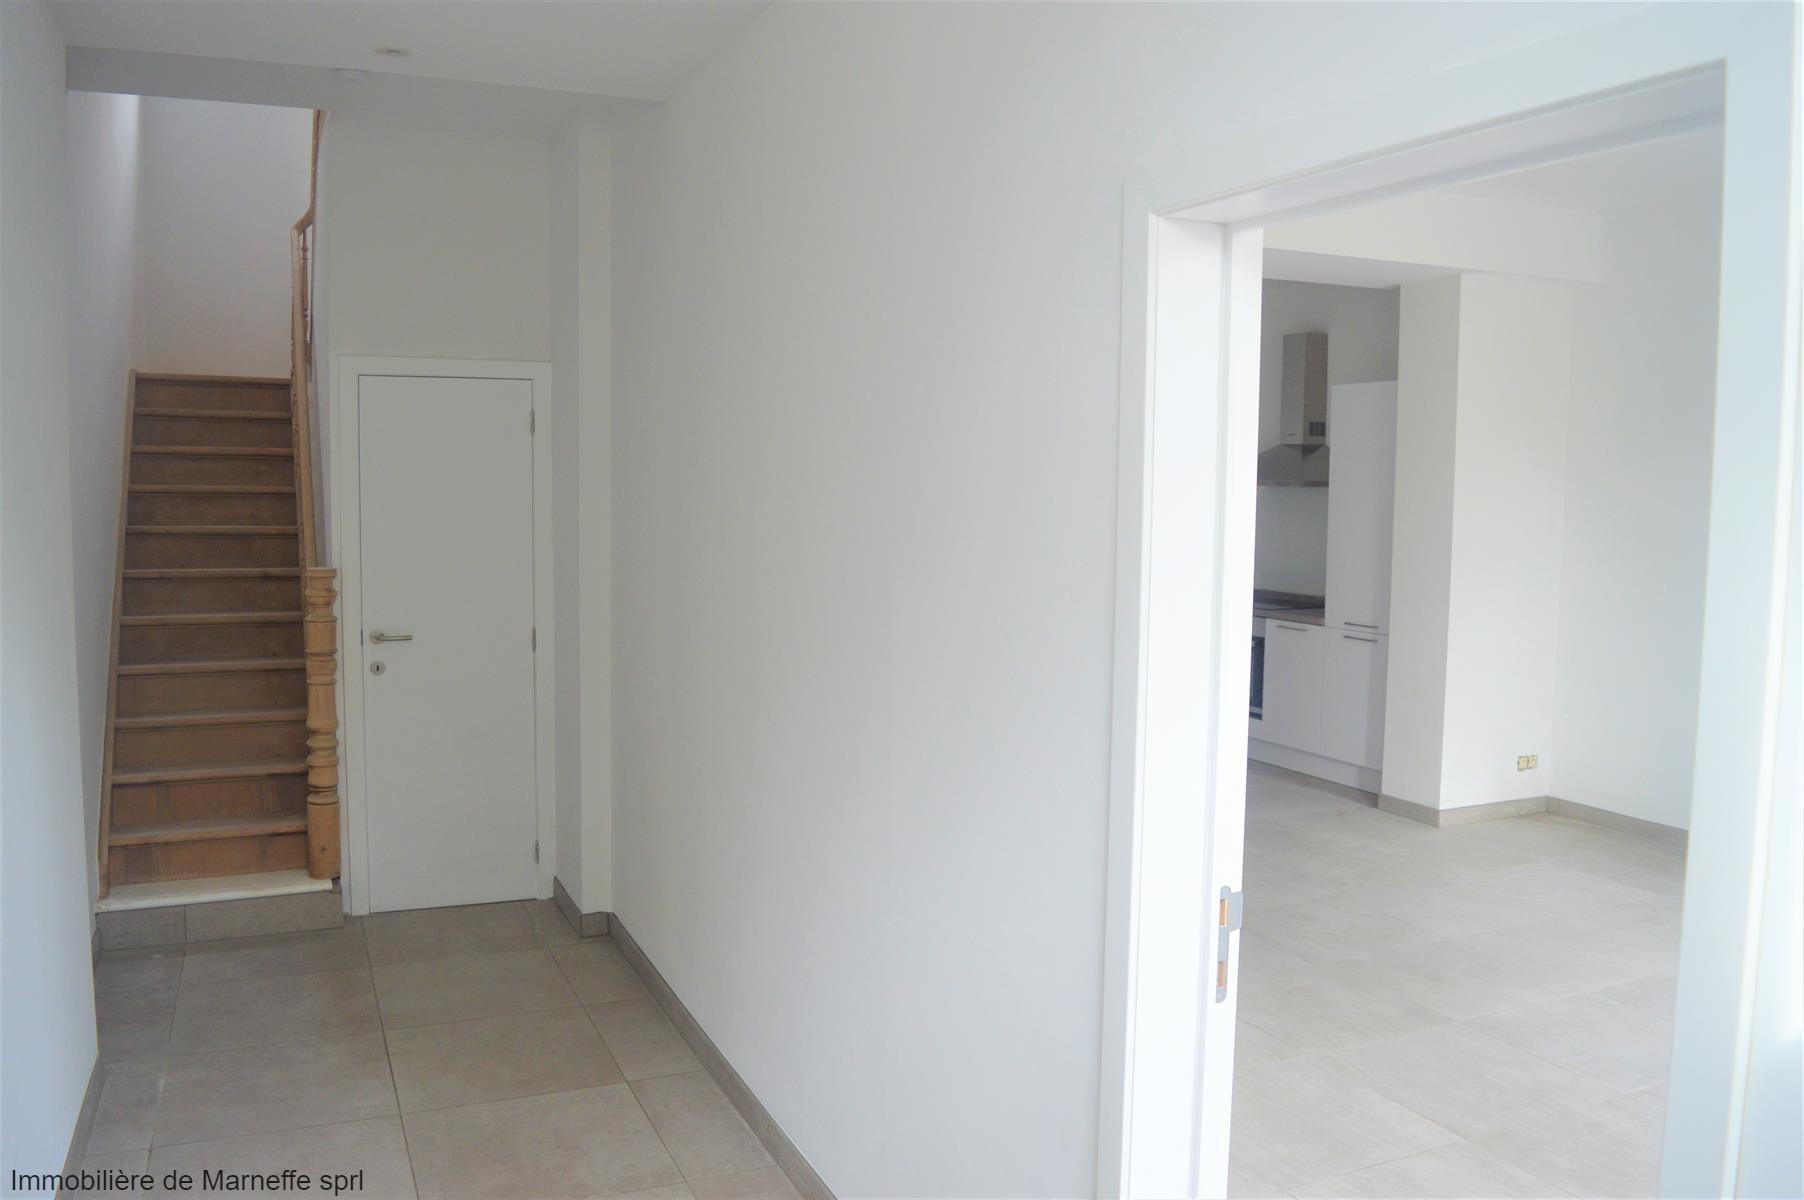 Maison - Verlaine - #4442592-6